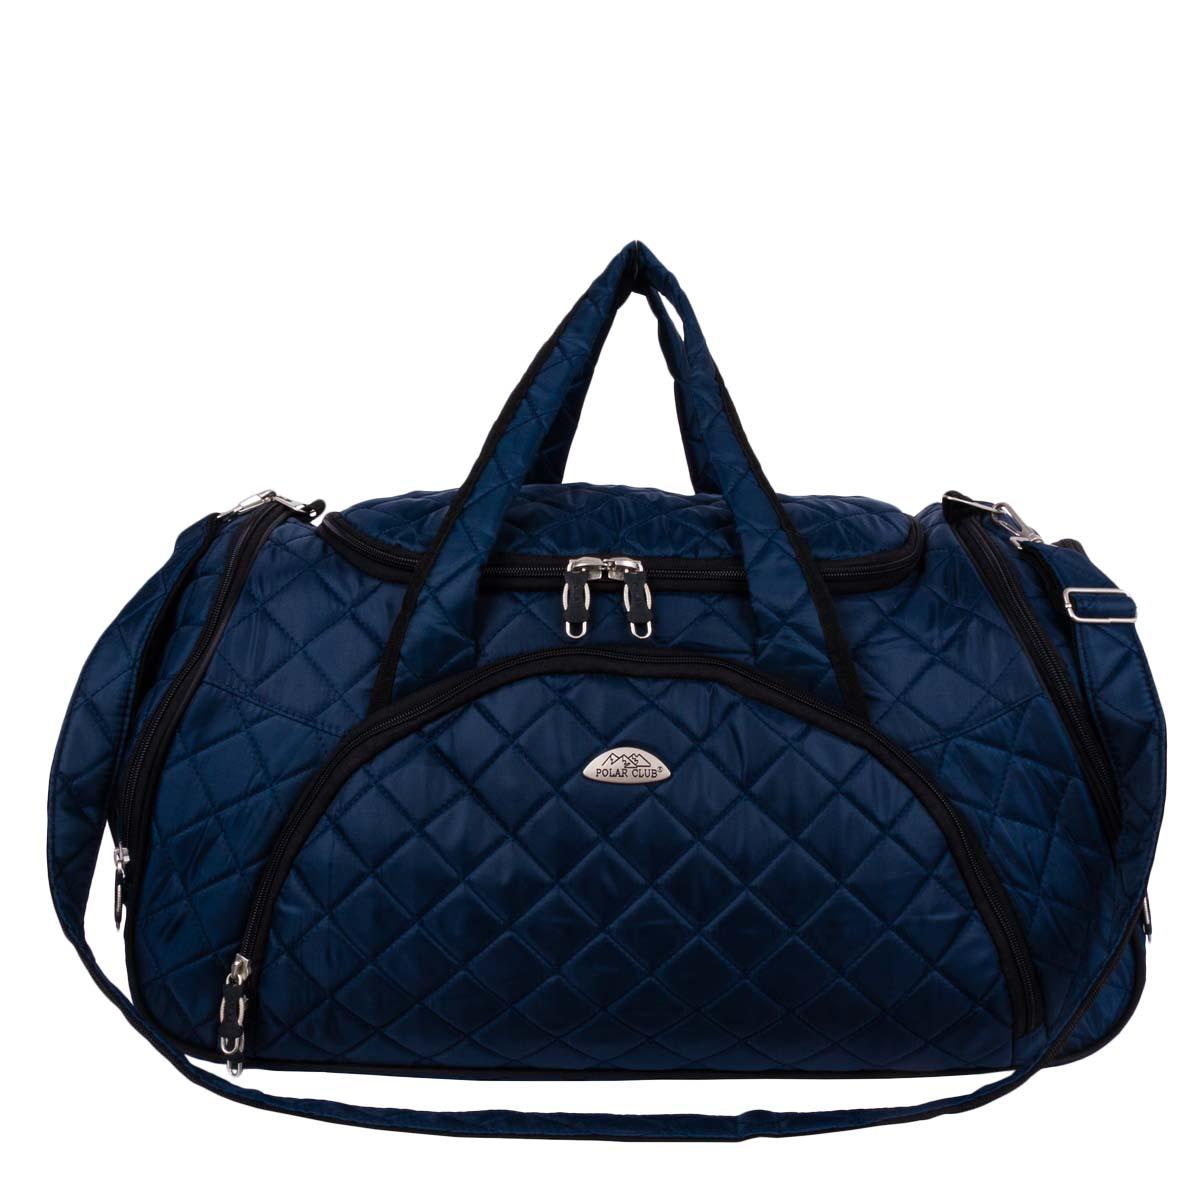 Сумка дорожная Polar, цвет: синий, 35 л. 70697069Вместительная и удобная дорожная сумка Polar выполнена из полиэстера. Основное отделение закрывается на молнию. Один из боковых карманов предназначен для обуви, мокрых вещей. Дополнительно снаружи расположен большой карман на молнии спереди сумки и небольшие карманы по бокам. Сумка имеет мягкую конструкцию. В комплекте регулируемый съемный плечевой ремень.